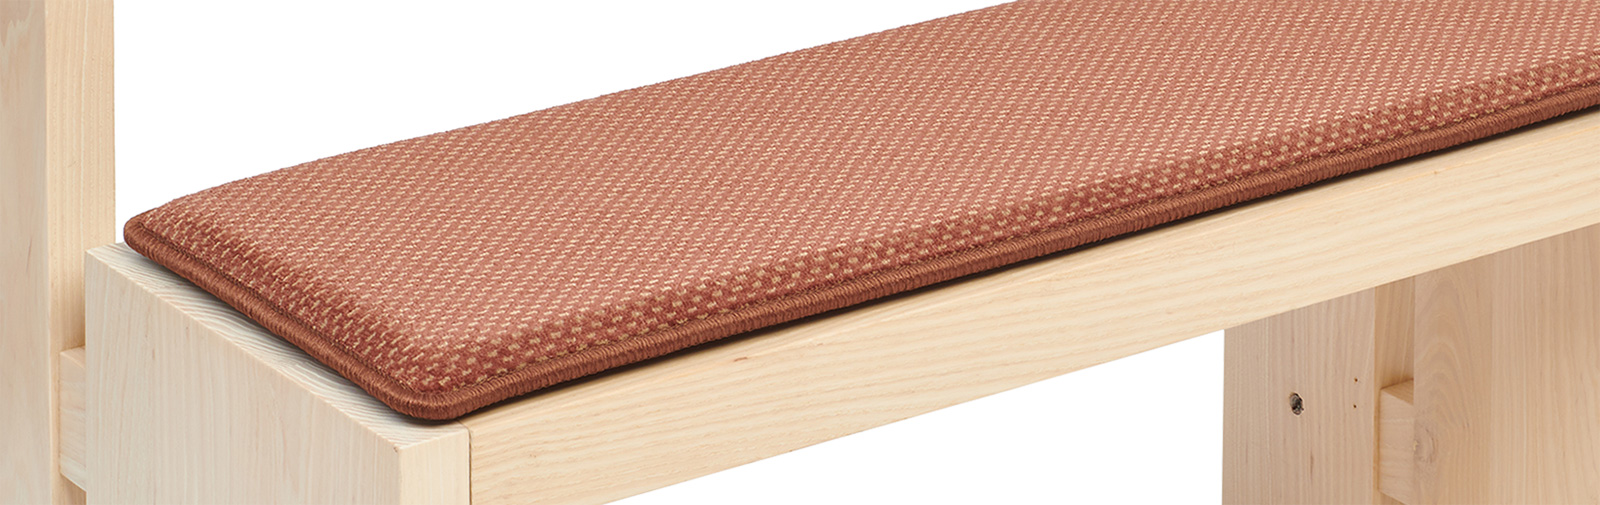 banque échantillon coussin Samtplush code couleur 2127 couleur brun rougeâtre